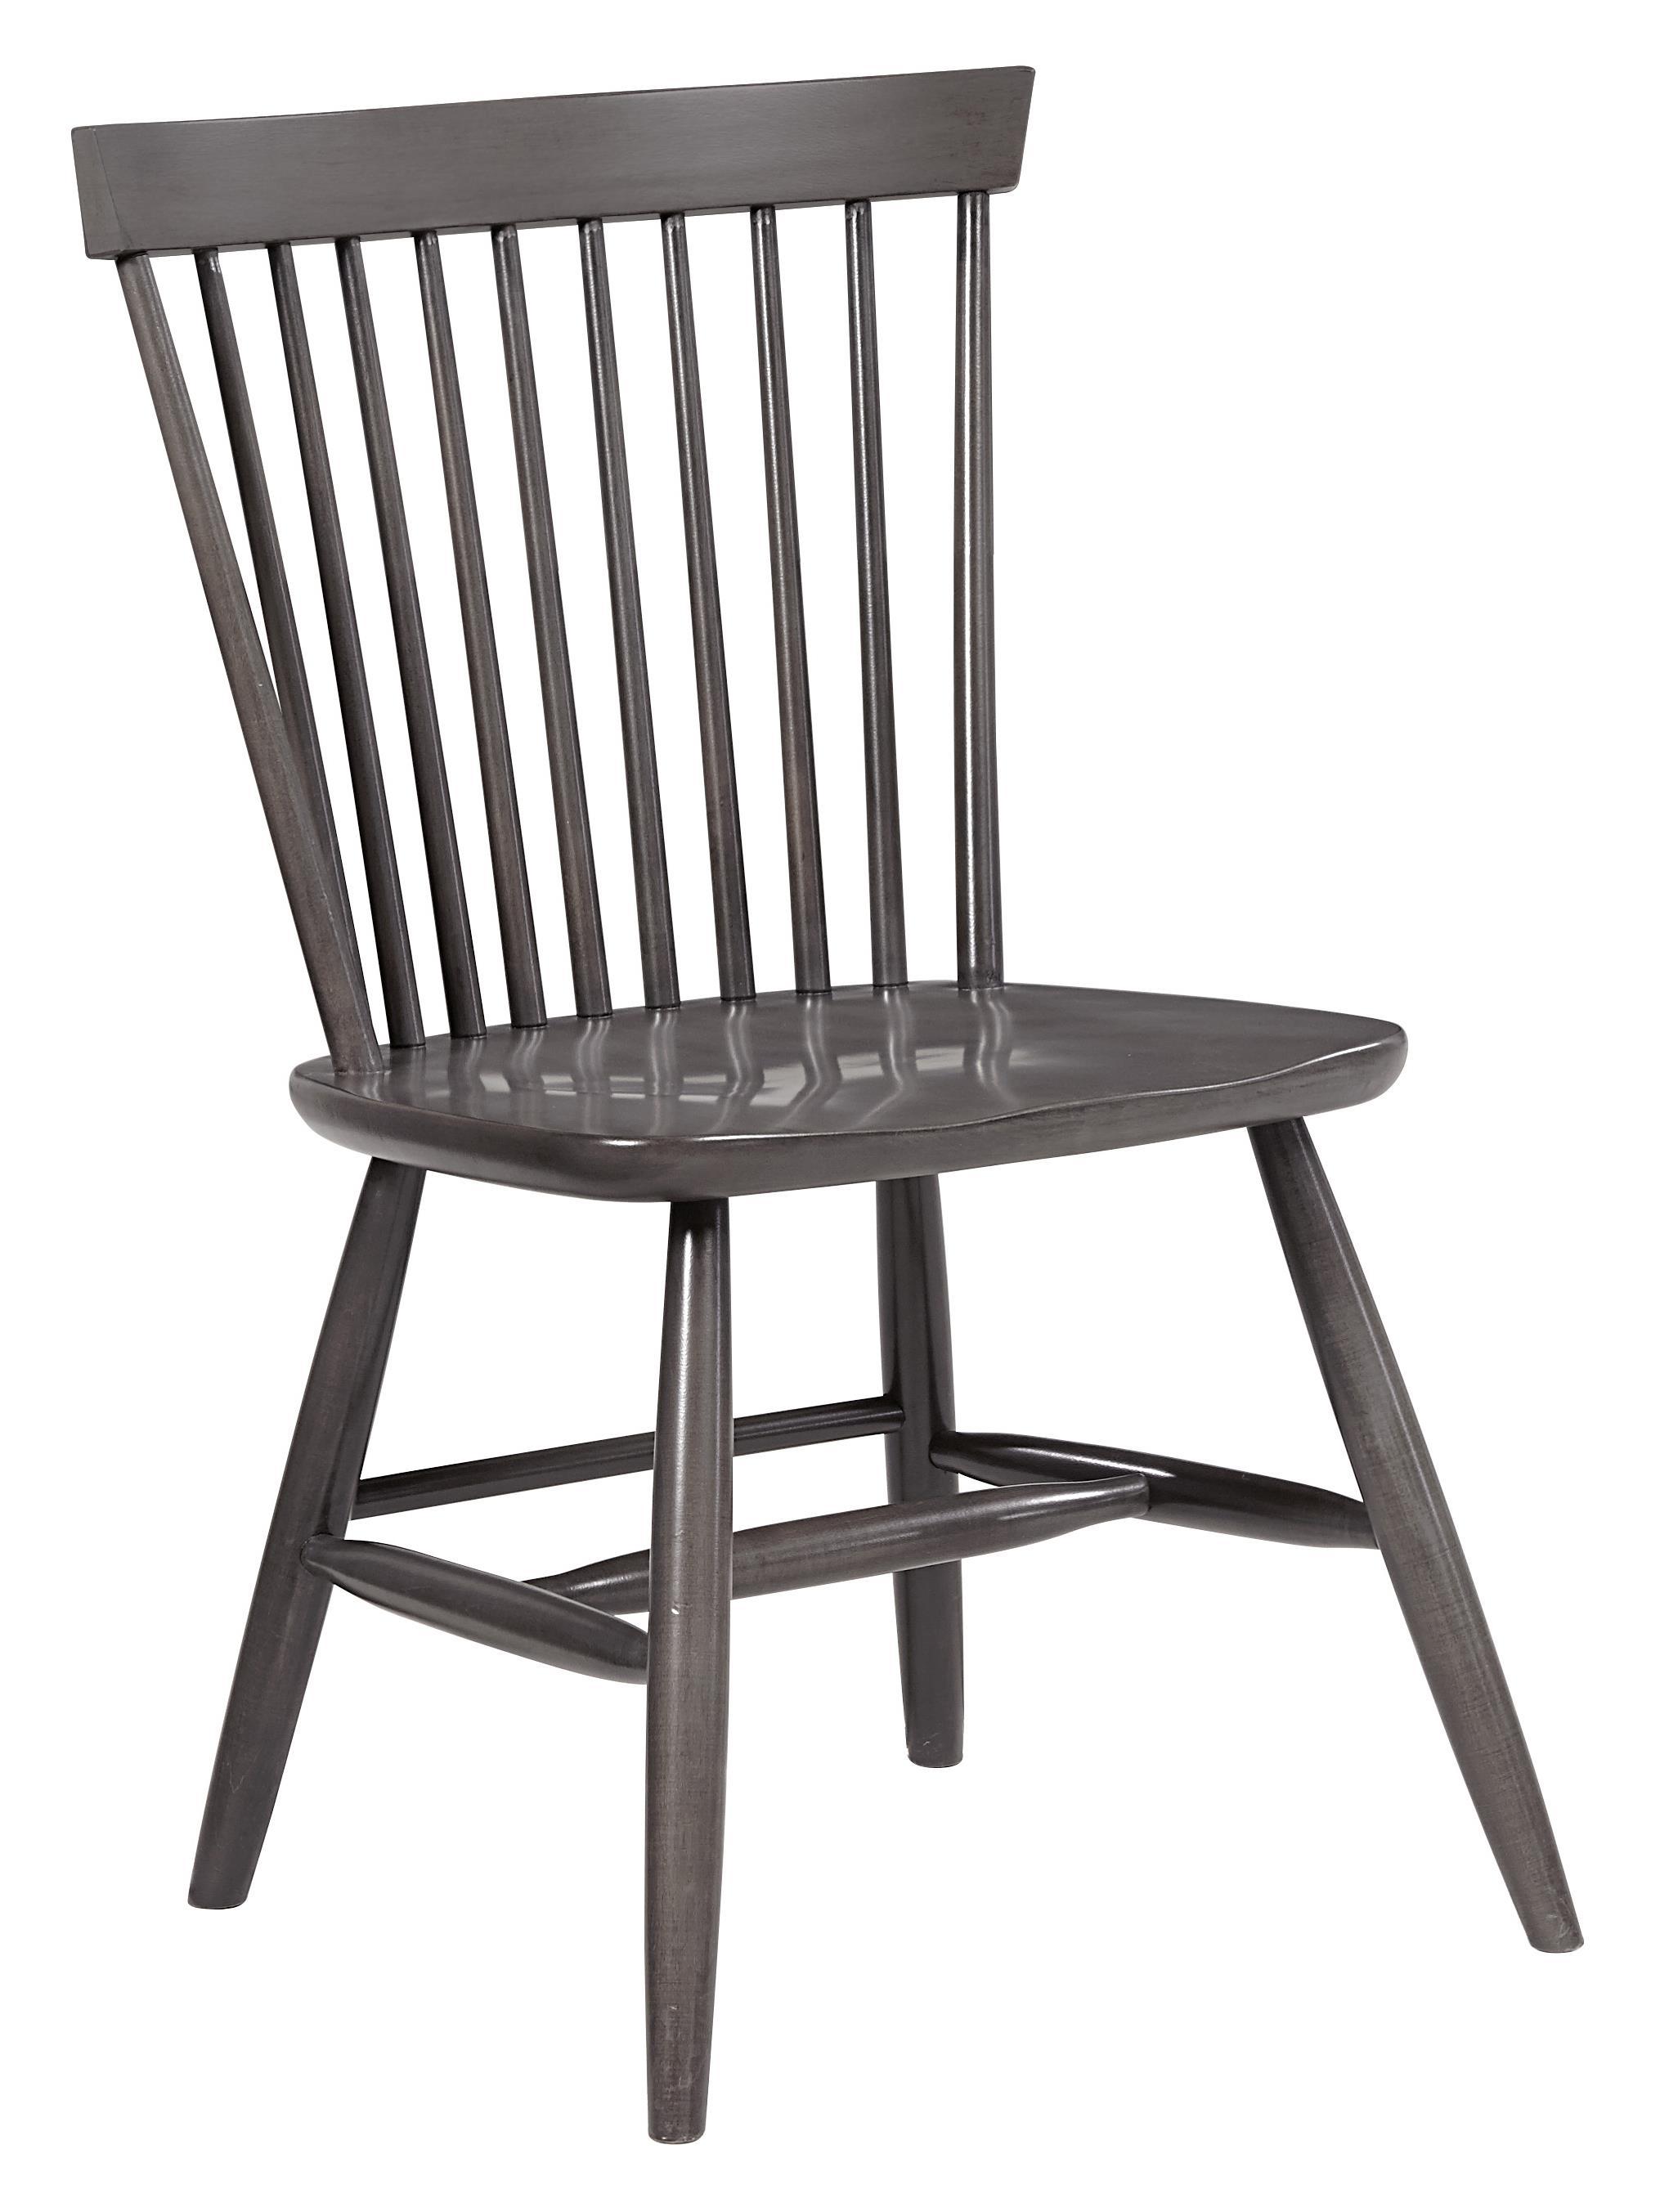 Vaughan Bassett Commentary Desk Chair - Item Number: 394-007